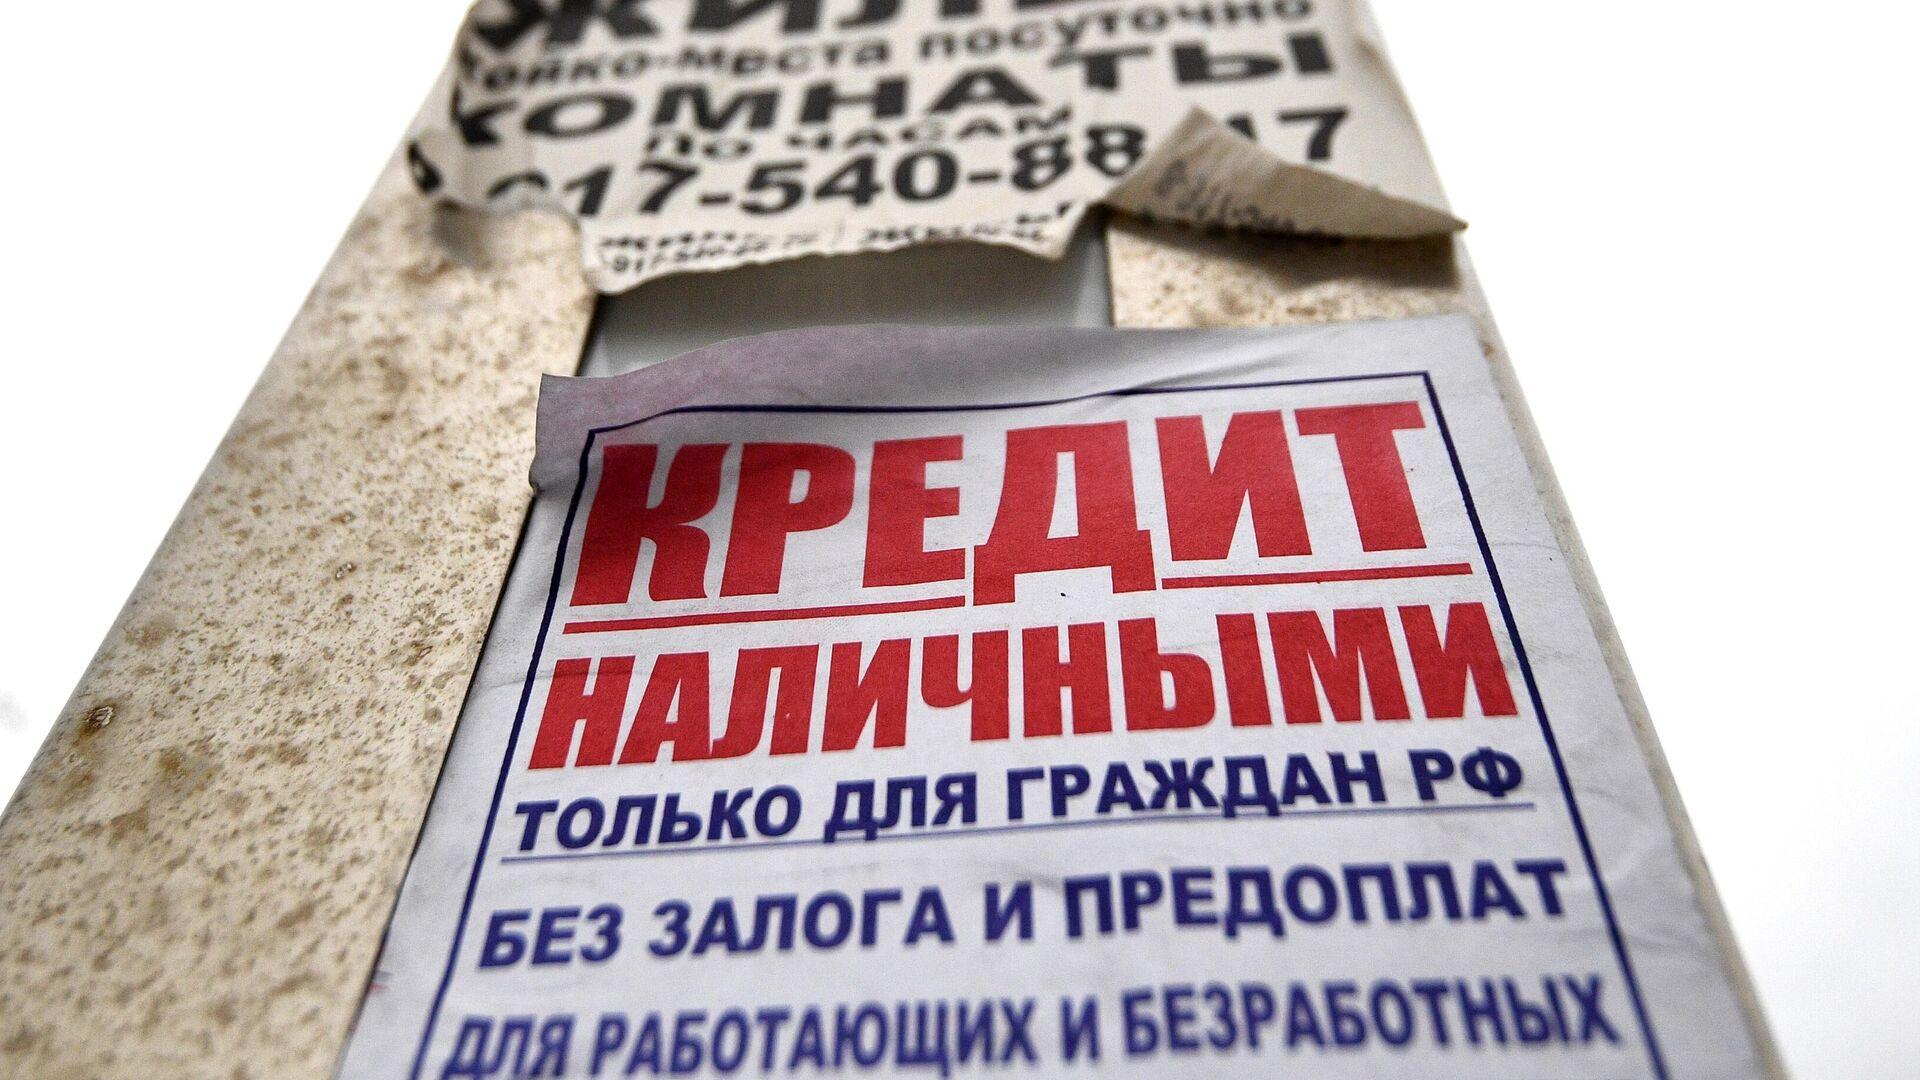 Юристы предупредили об опасностях микрозаймов под залог жилья